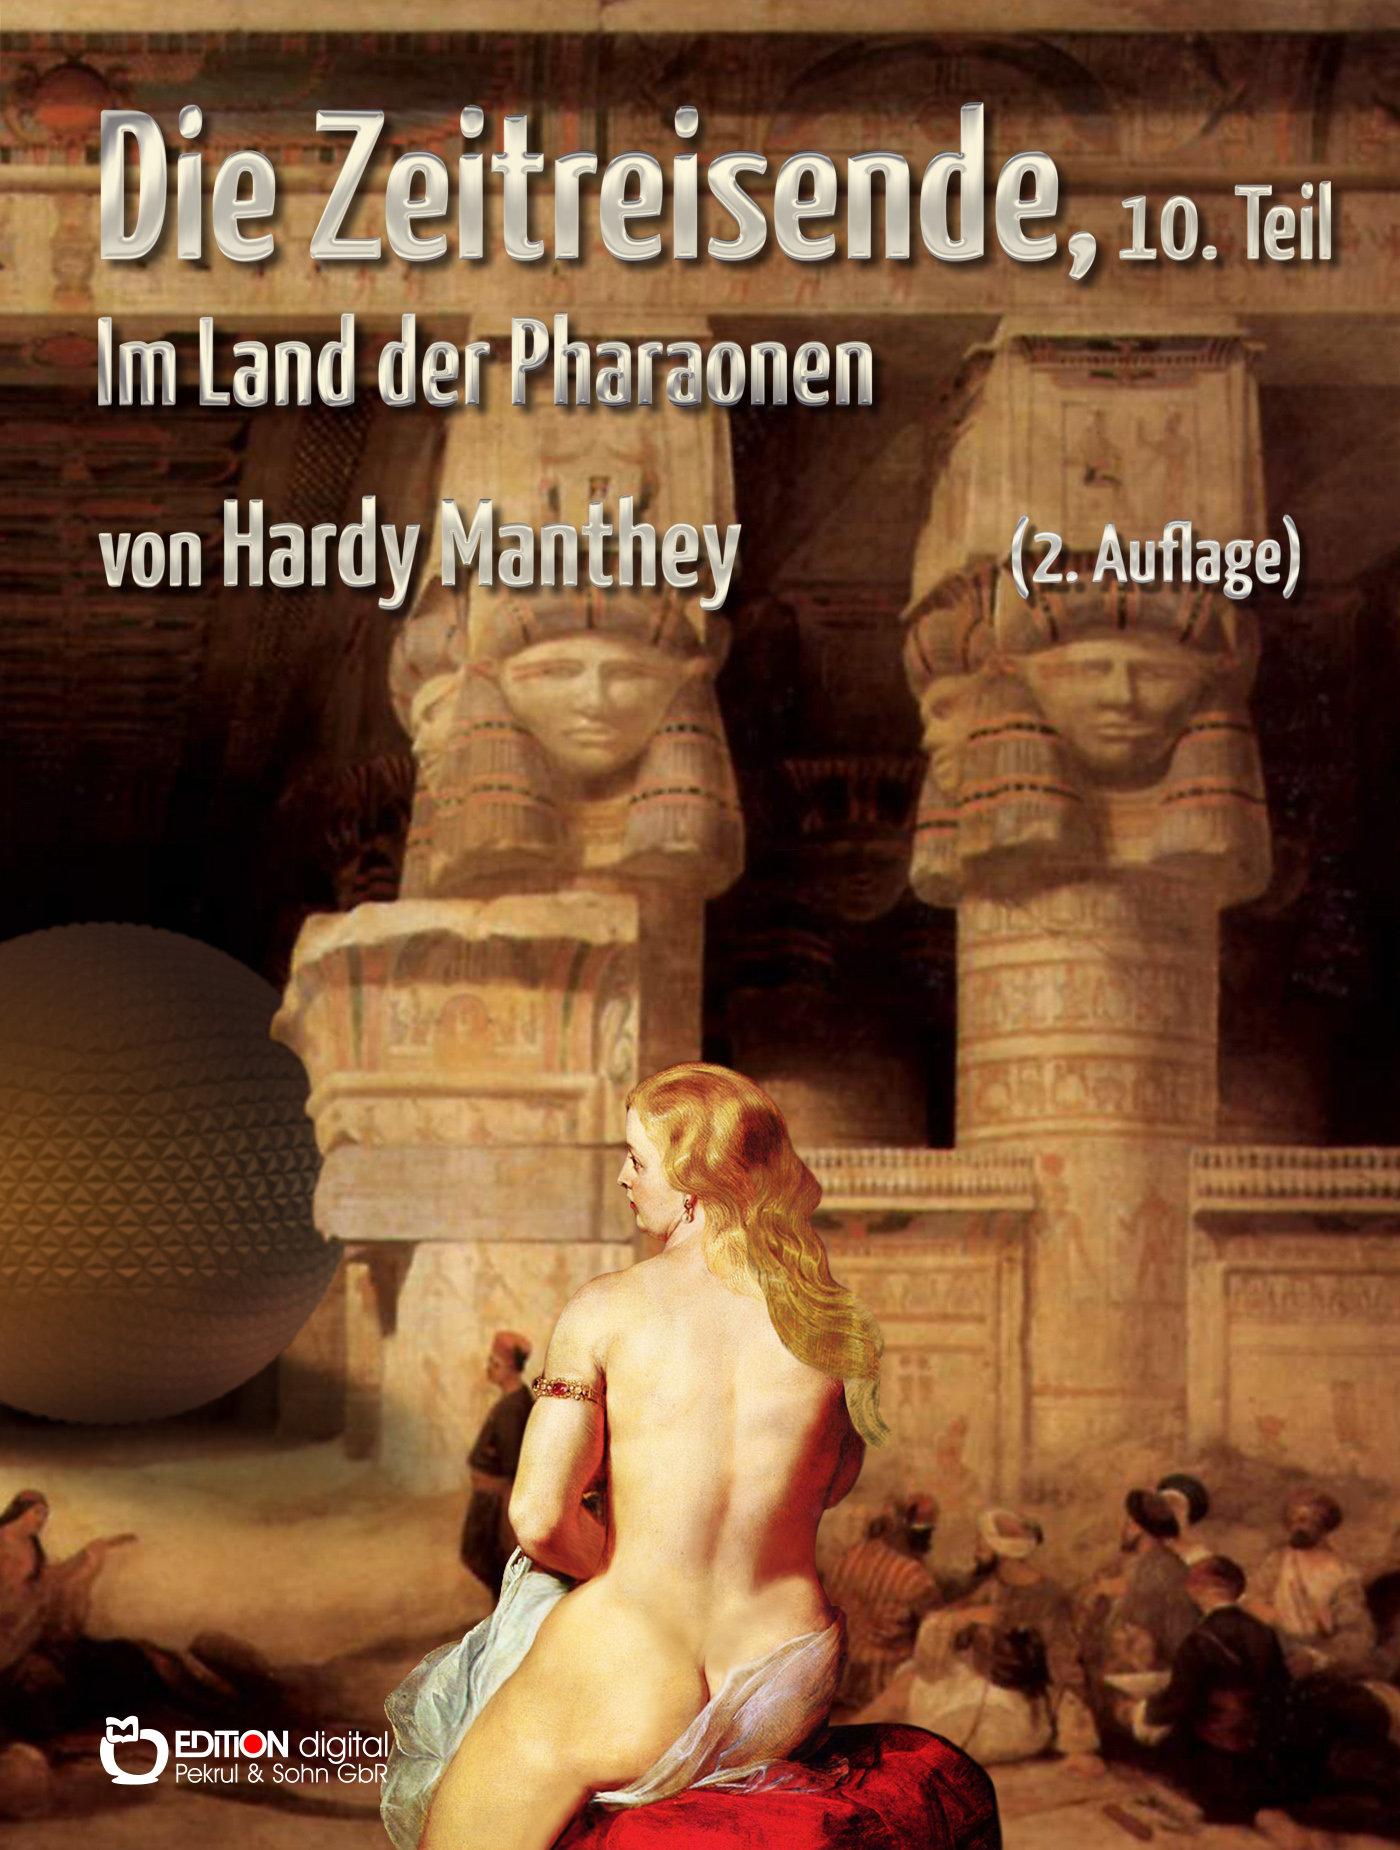 Die Zeitreisende, 10. Teil. Im Land der Pharaonen von Hardy Manthey